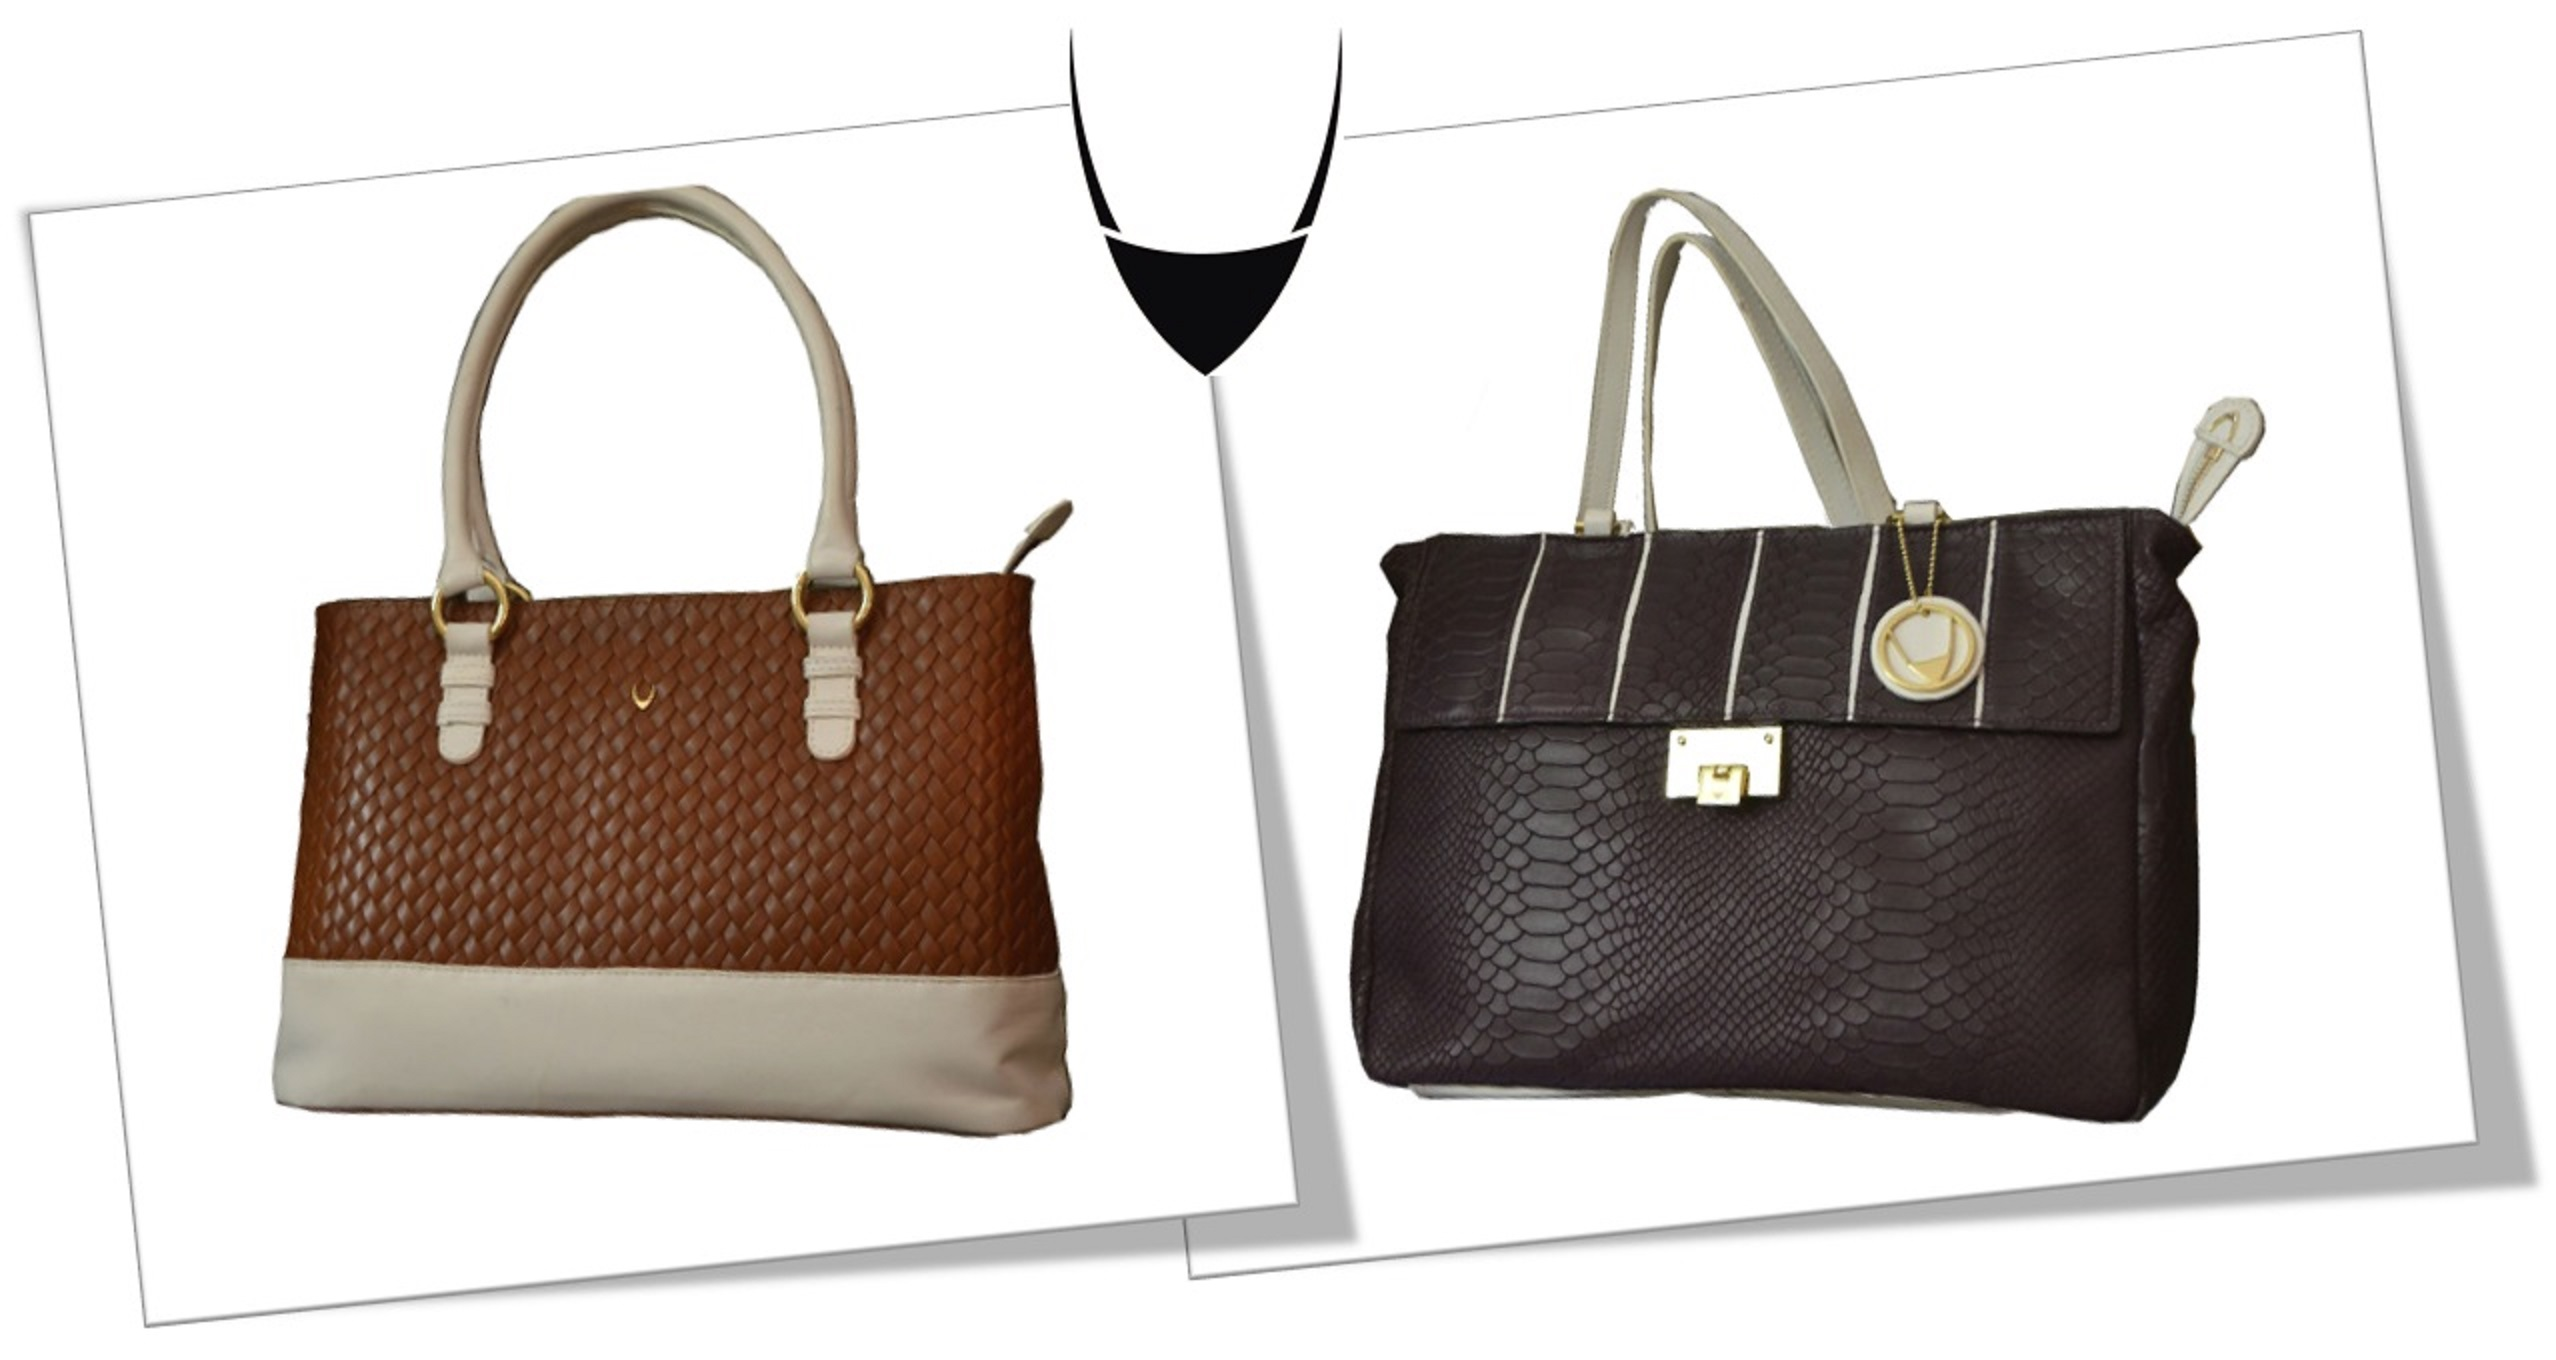 Hidesign Work Bags